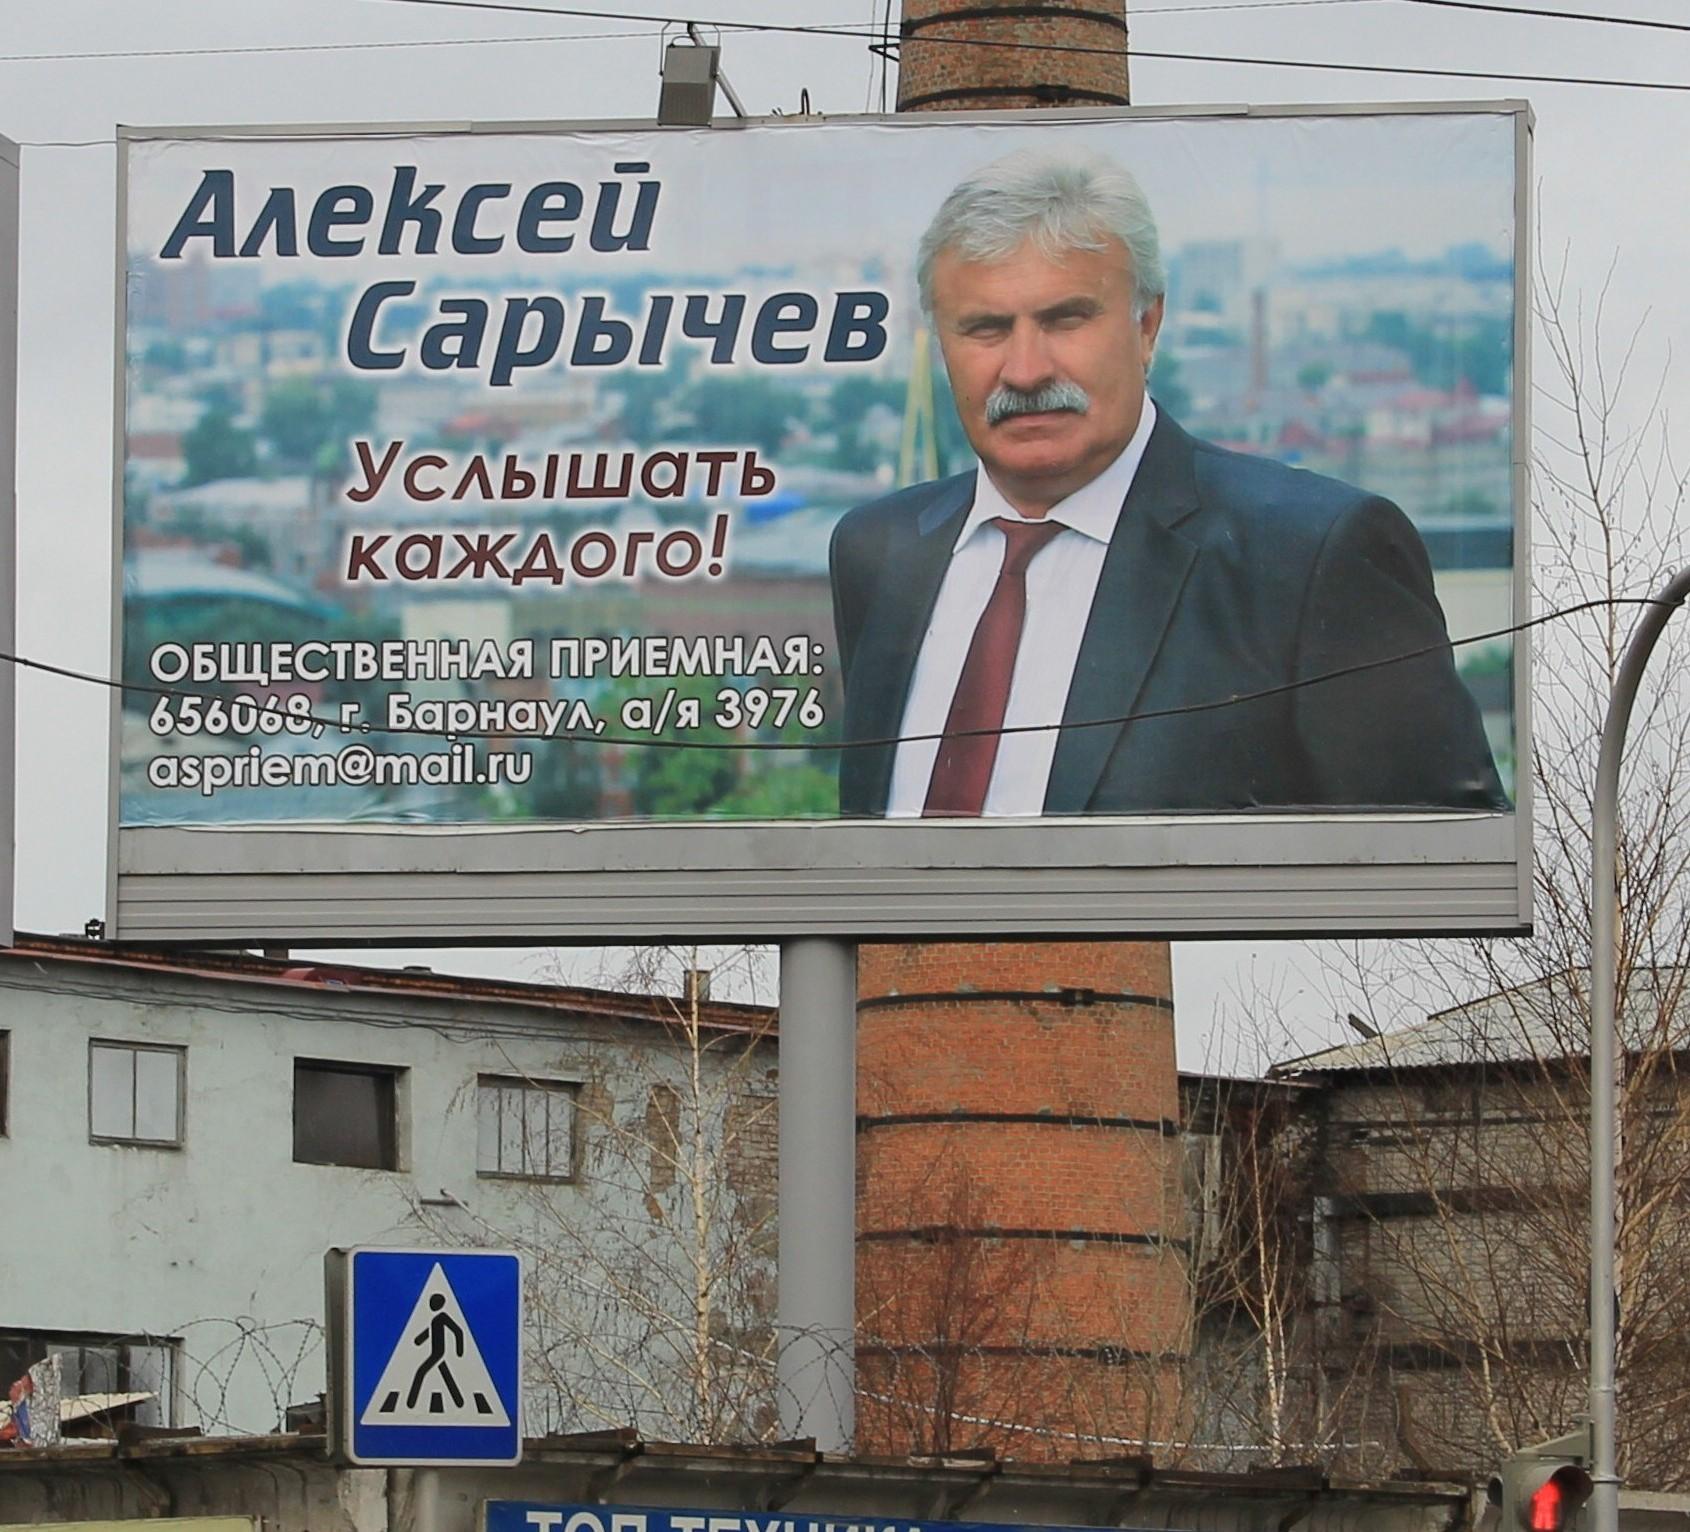 Сарычев, баннер об общественной приемной